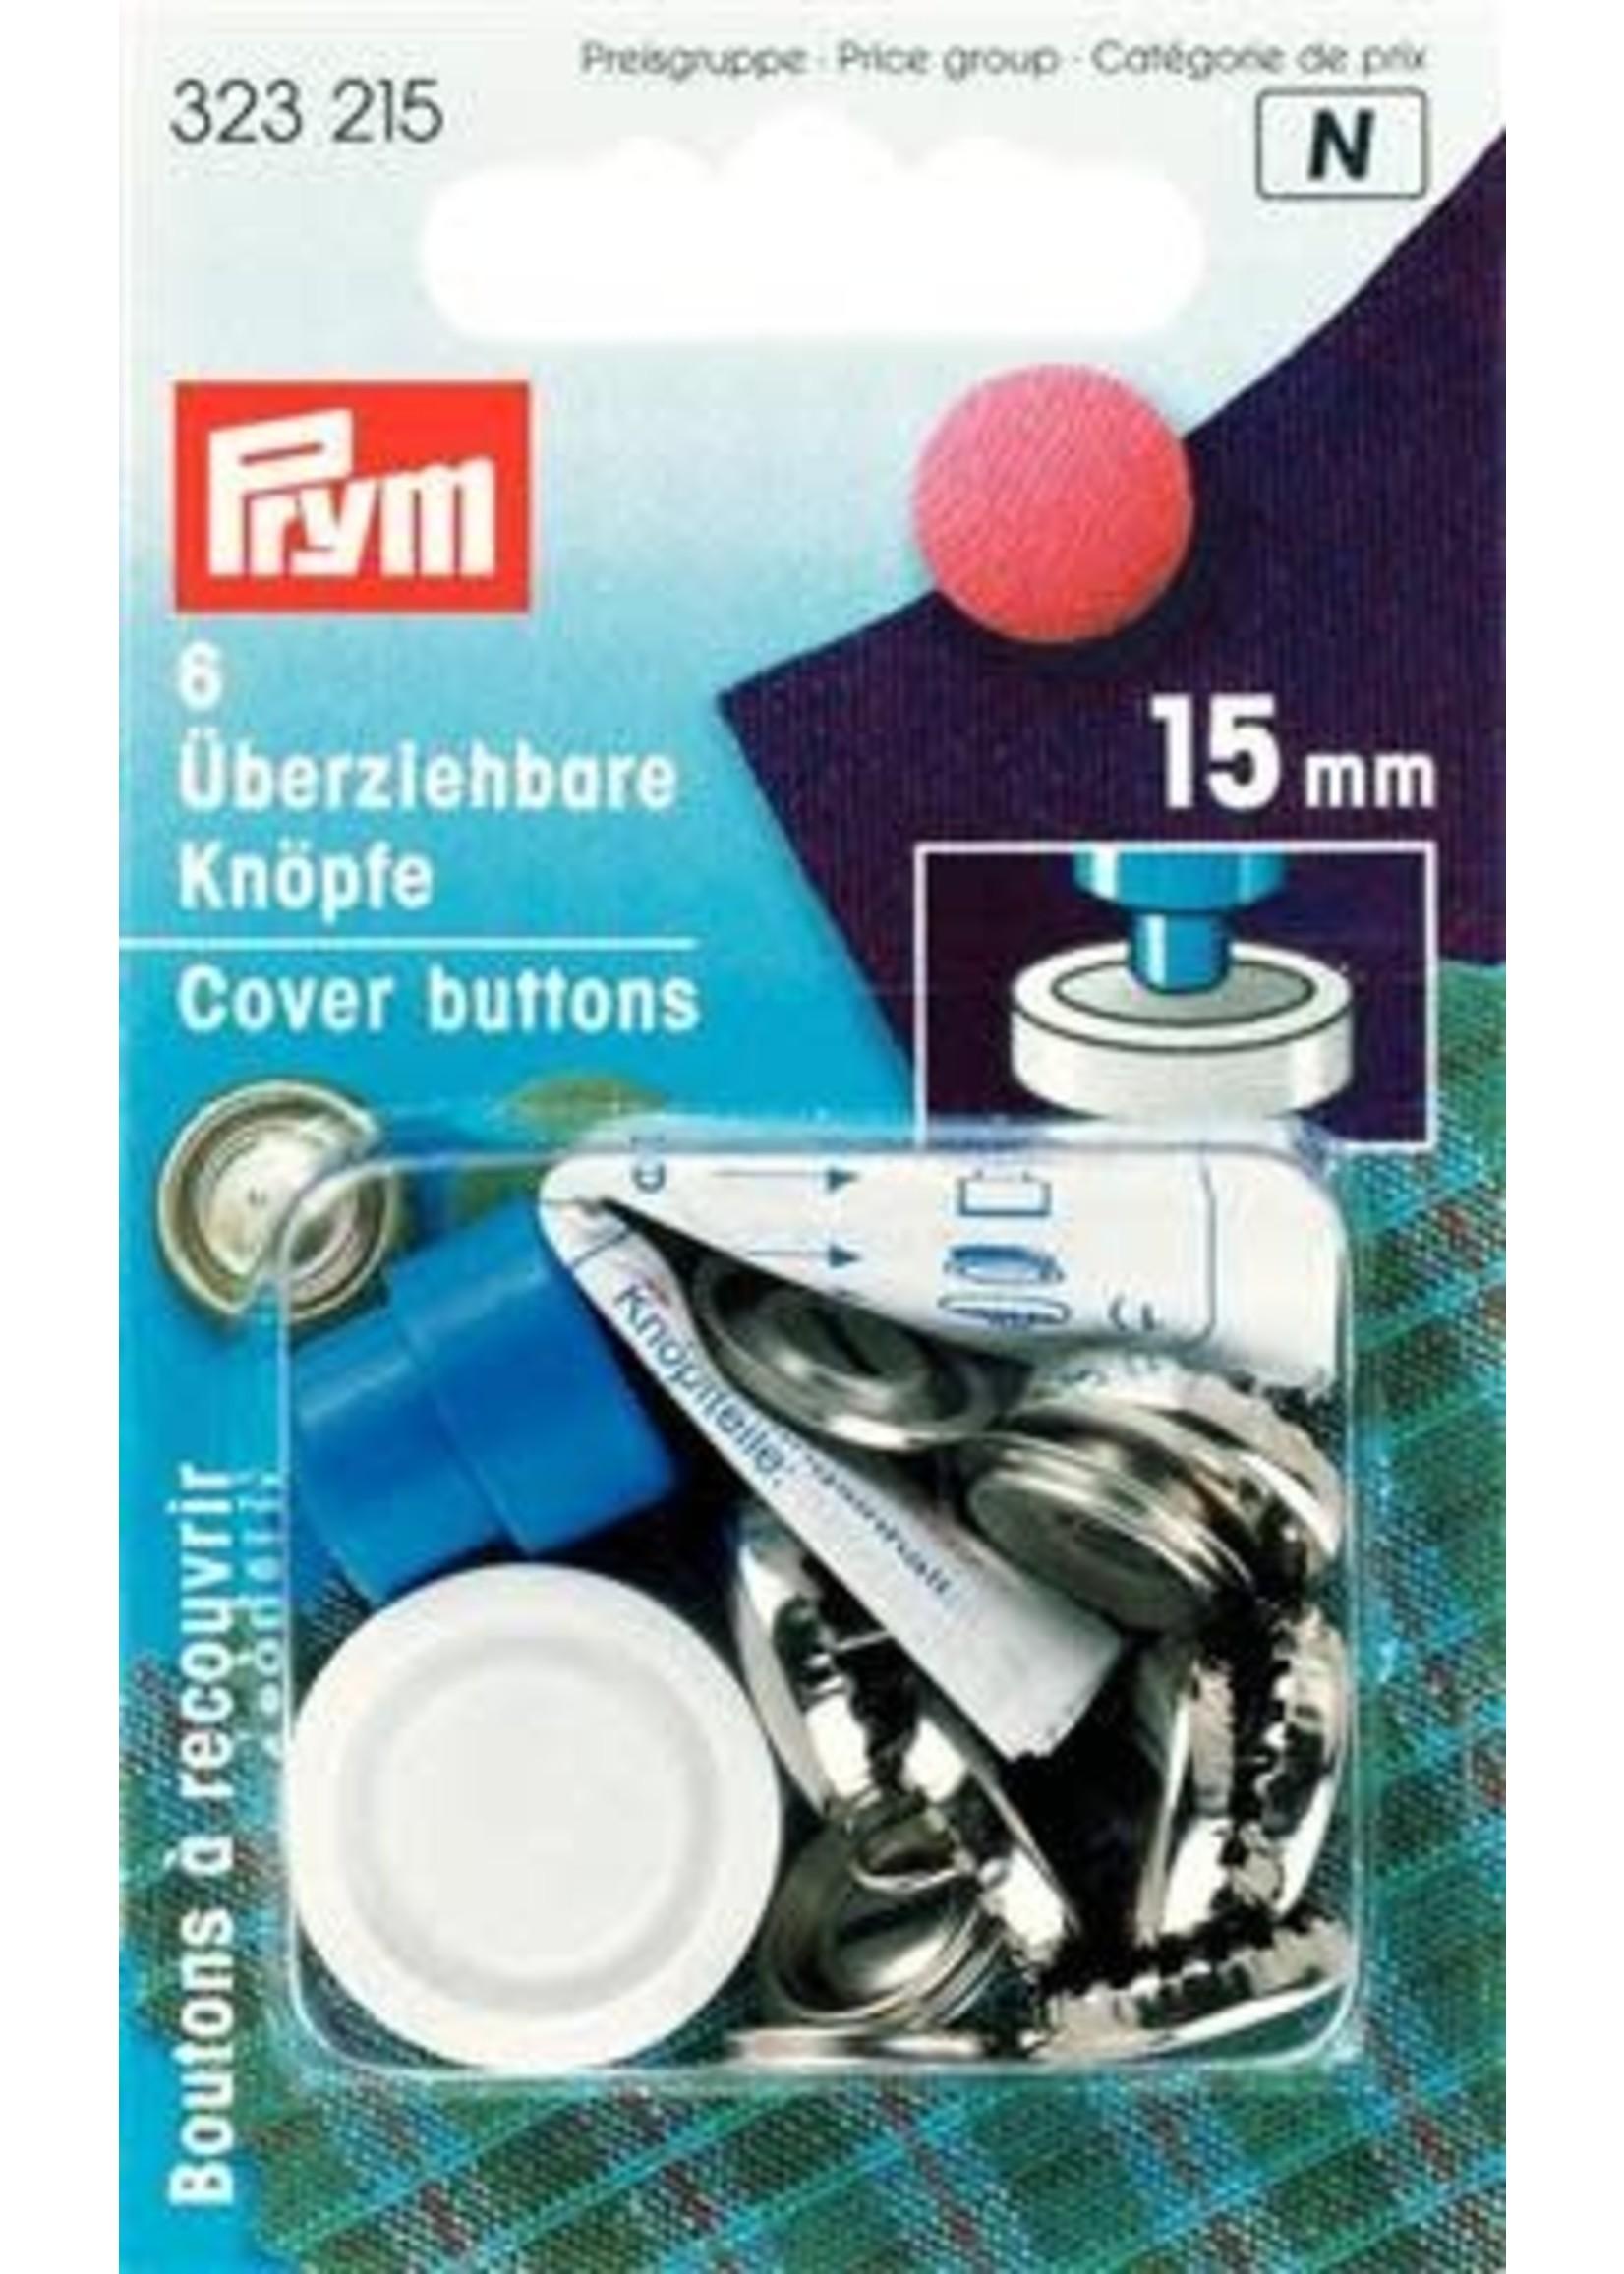 Prym Prym Stofknopen met matrijs 15mm - zilver